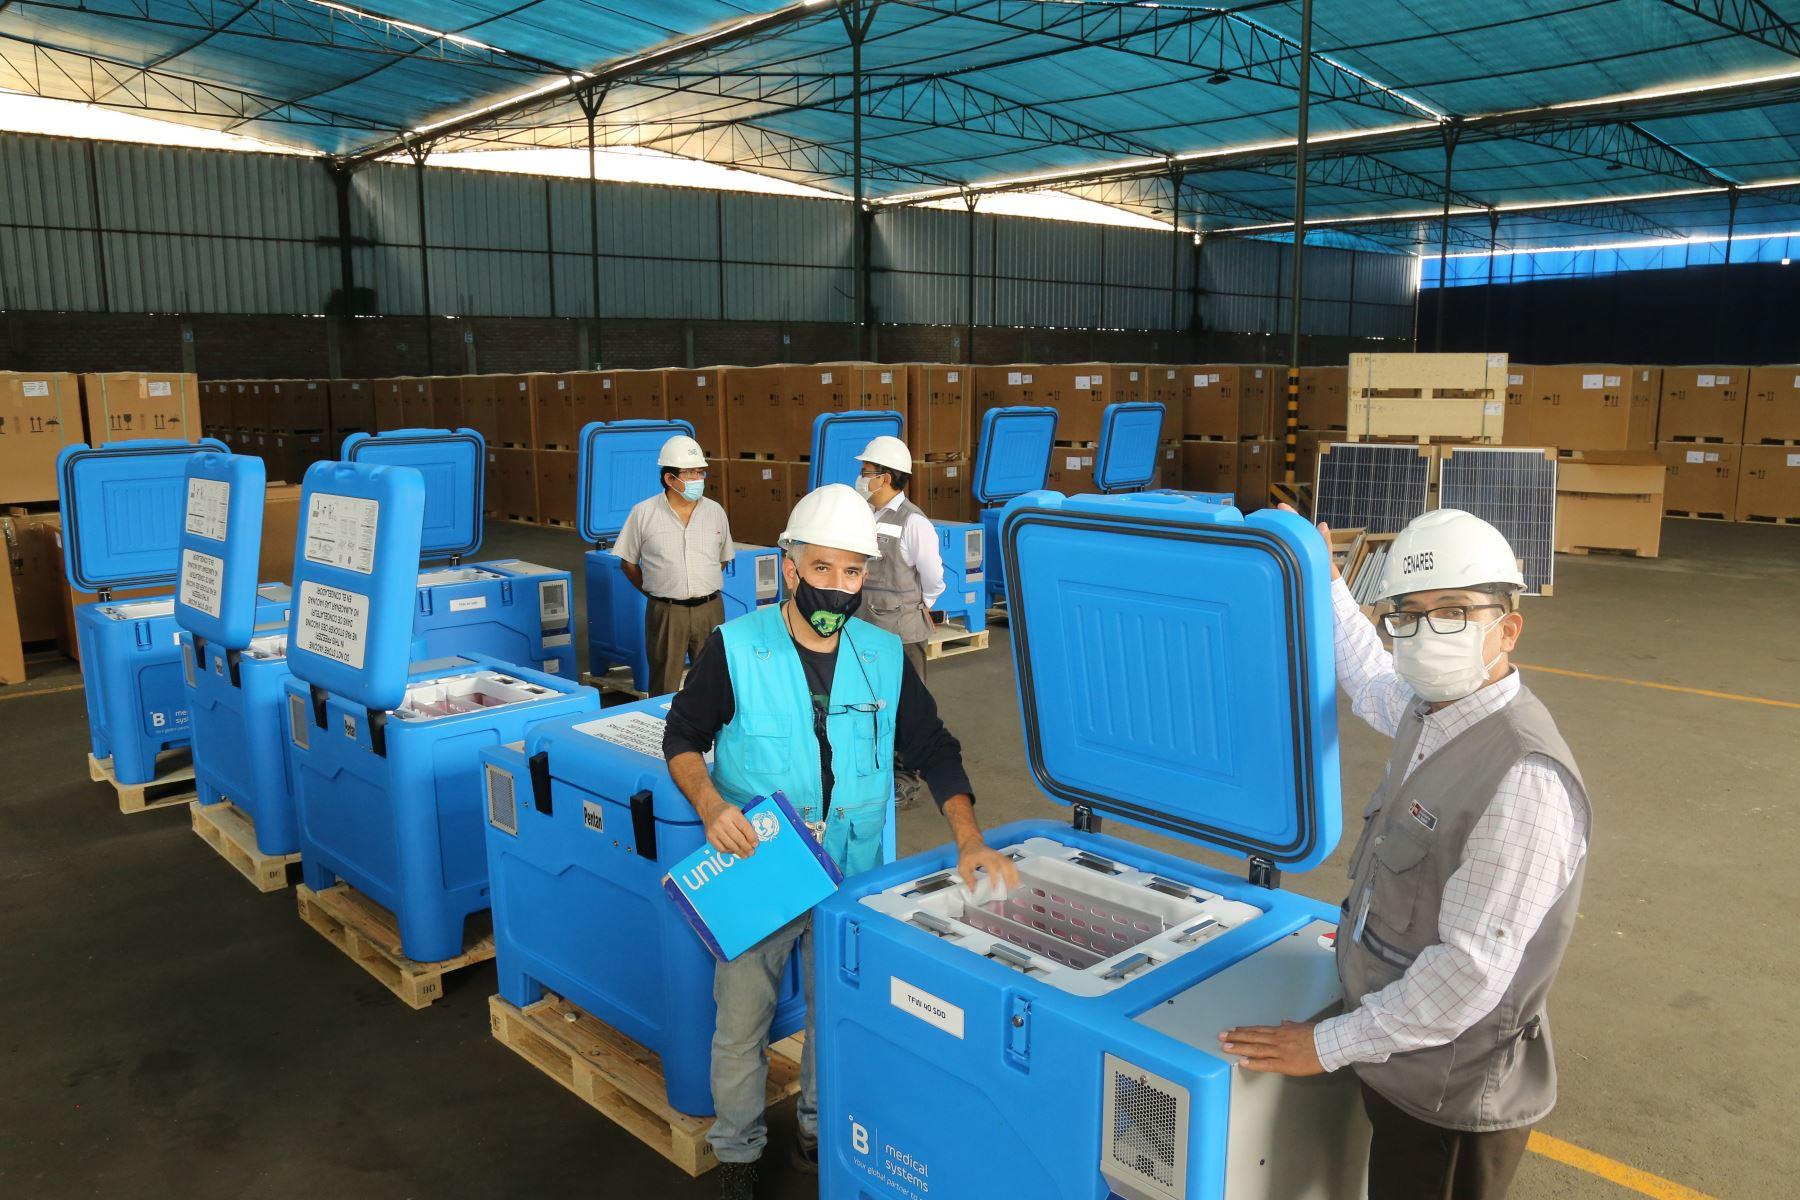 UNICEF Perú: Llegan 1,100 congeladoras solares para conservación de vacunas contra la Covid-19. Foto: UNICEF Perú